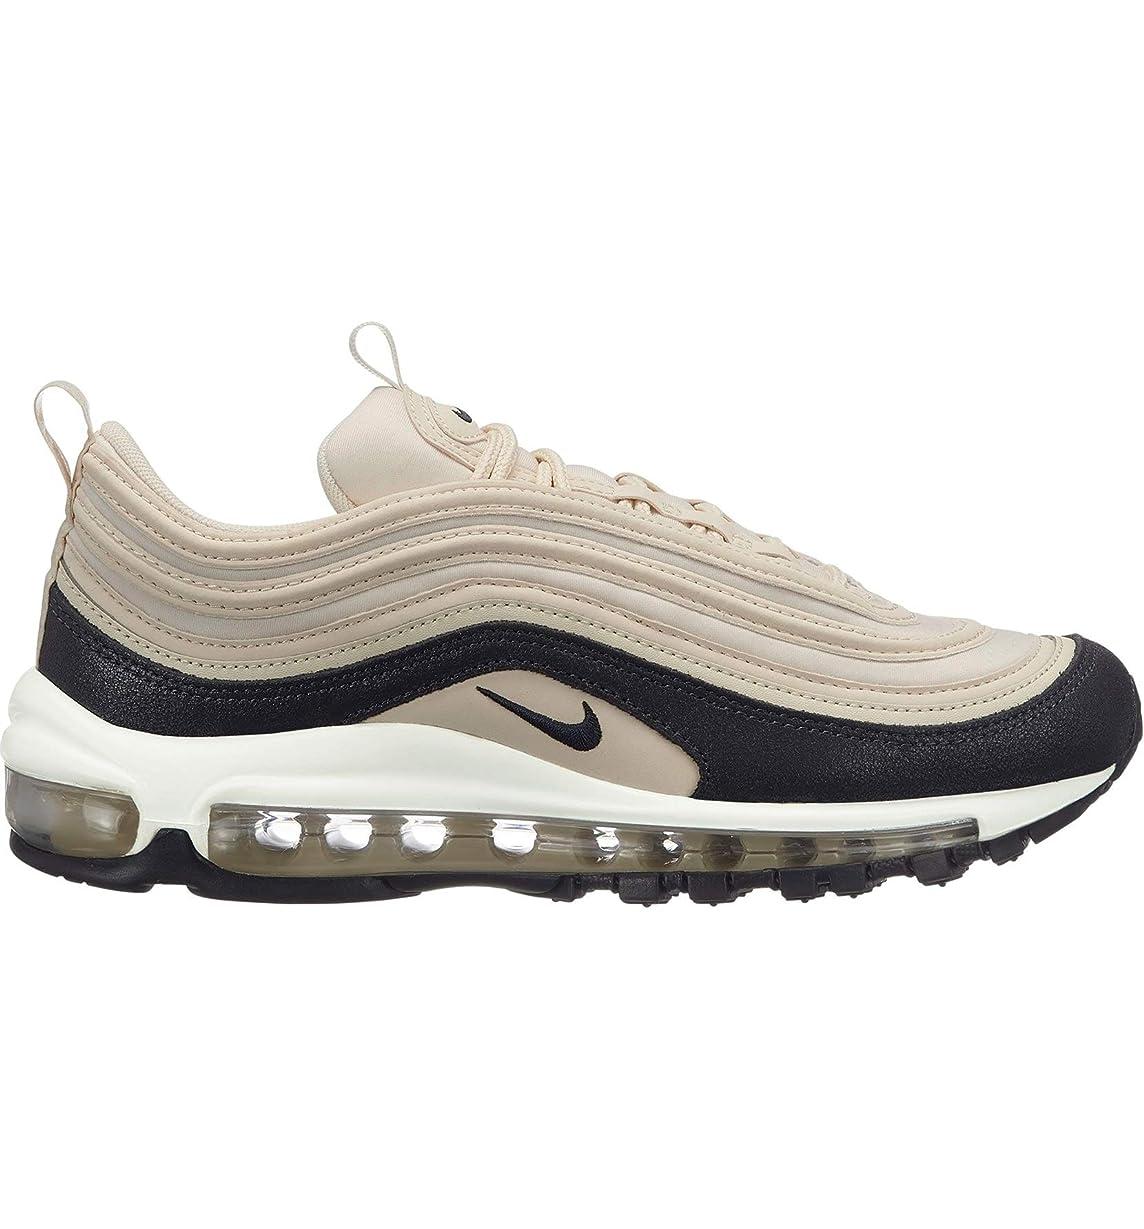 考案する伝説かけがえのない[ナイキ] レディース スニーカー Air Max 97 Premium Sneaker (Women) [並行輸入品]